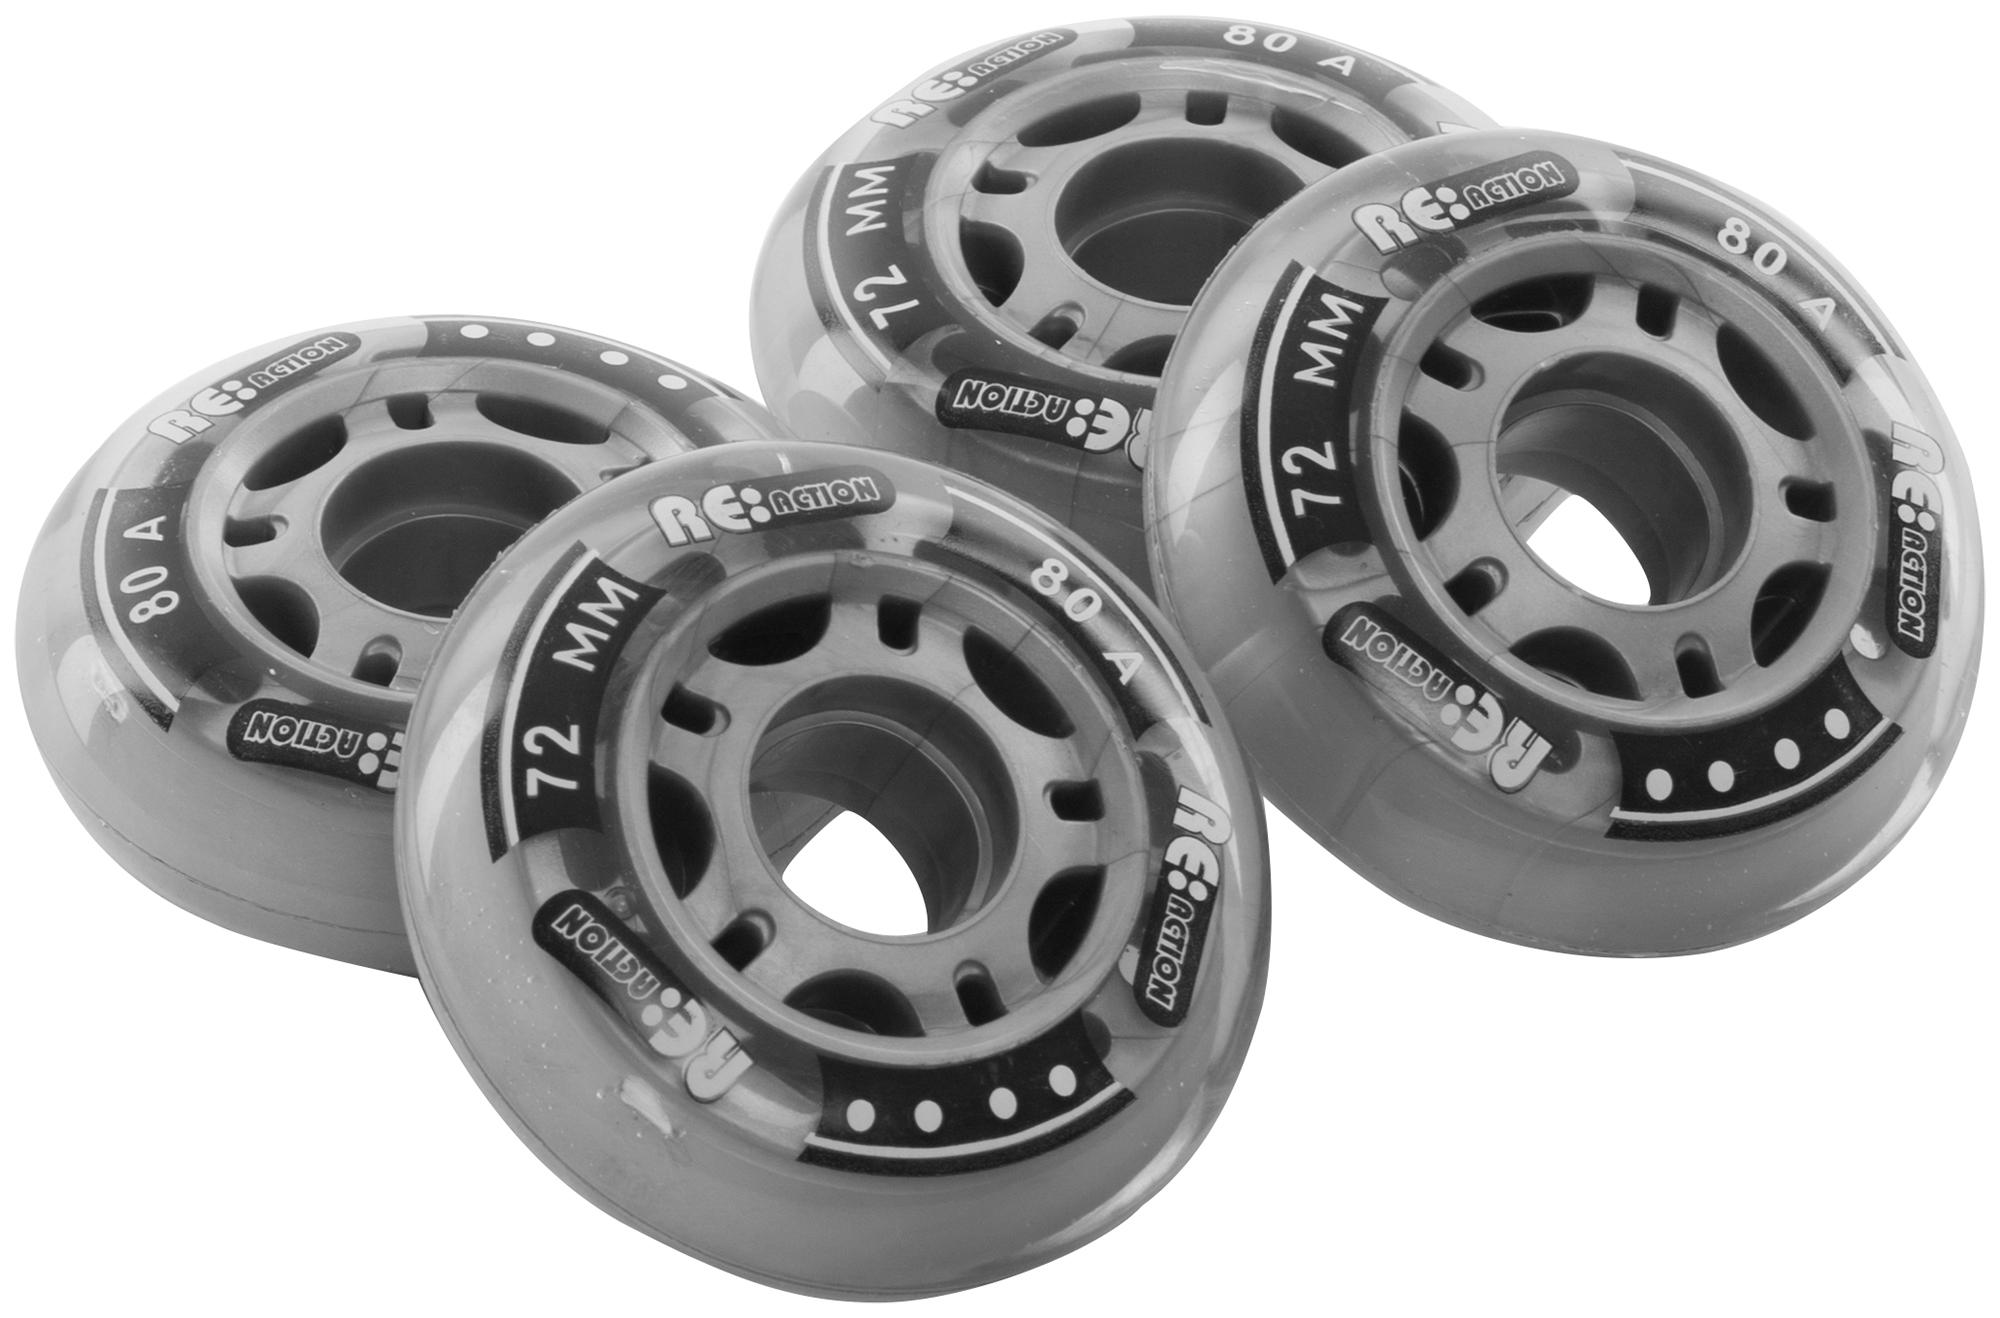 REACTION Набор колес для роликов REACTION 72 мм, 80А, 4 шт reaction колесо для самоката reaction 125 мм